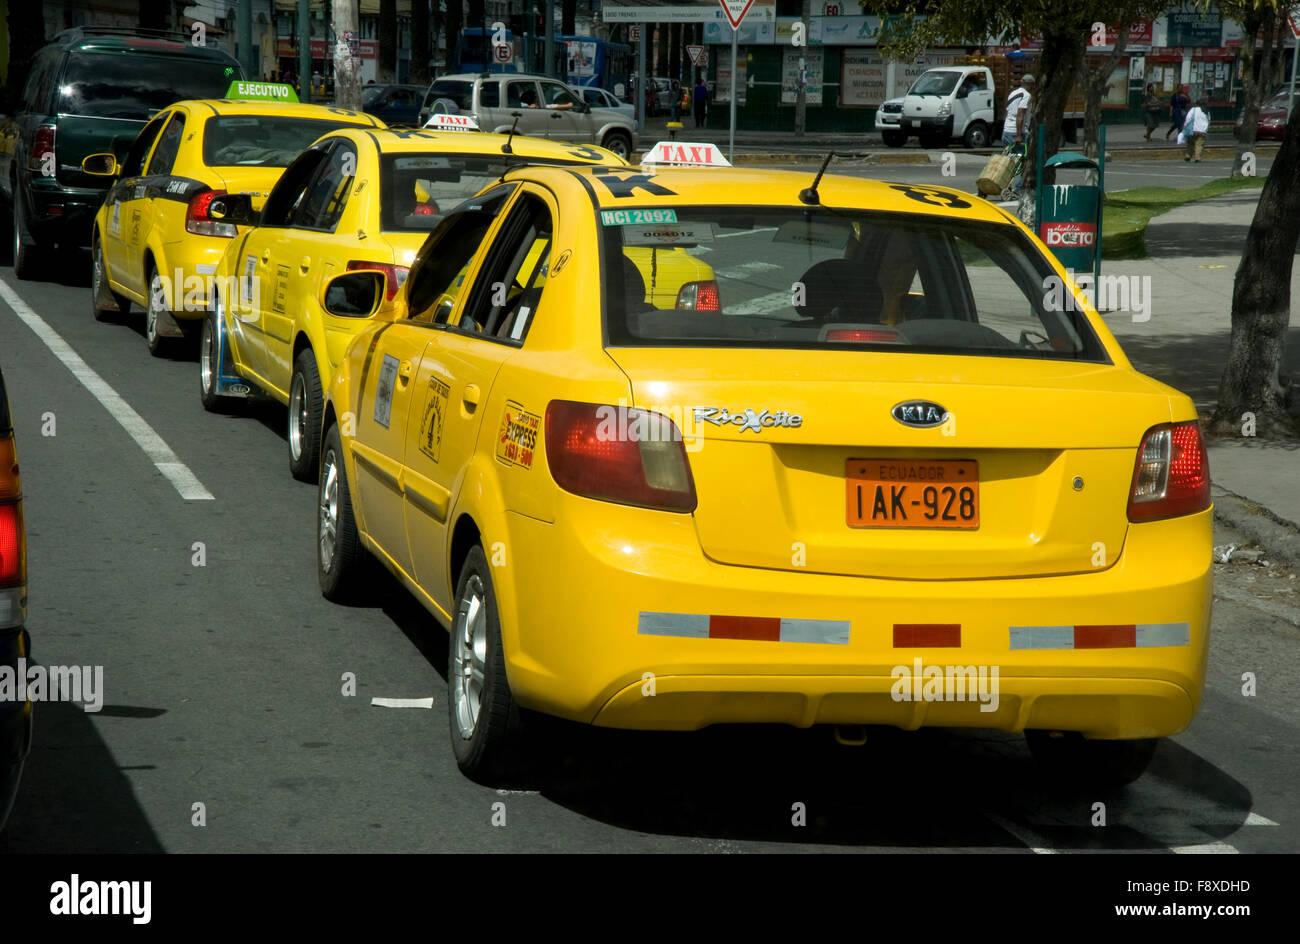 Taxi cabs in Ibarra, Ecuador - Stock Image